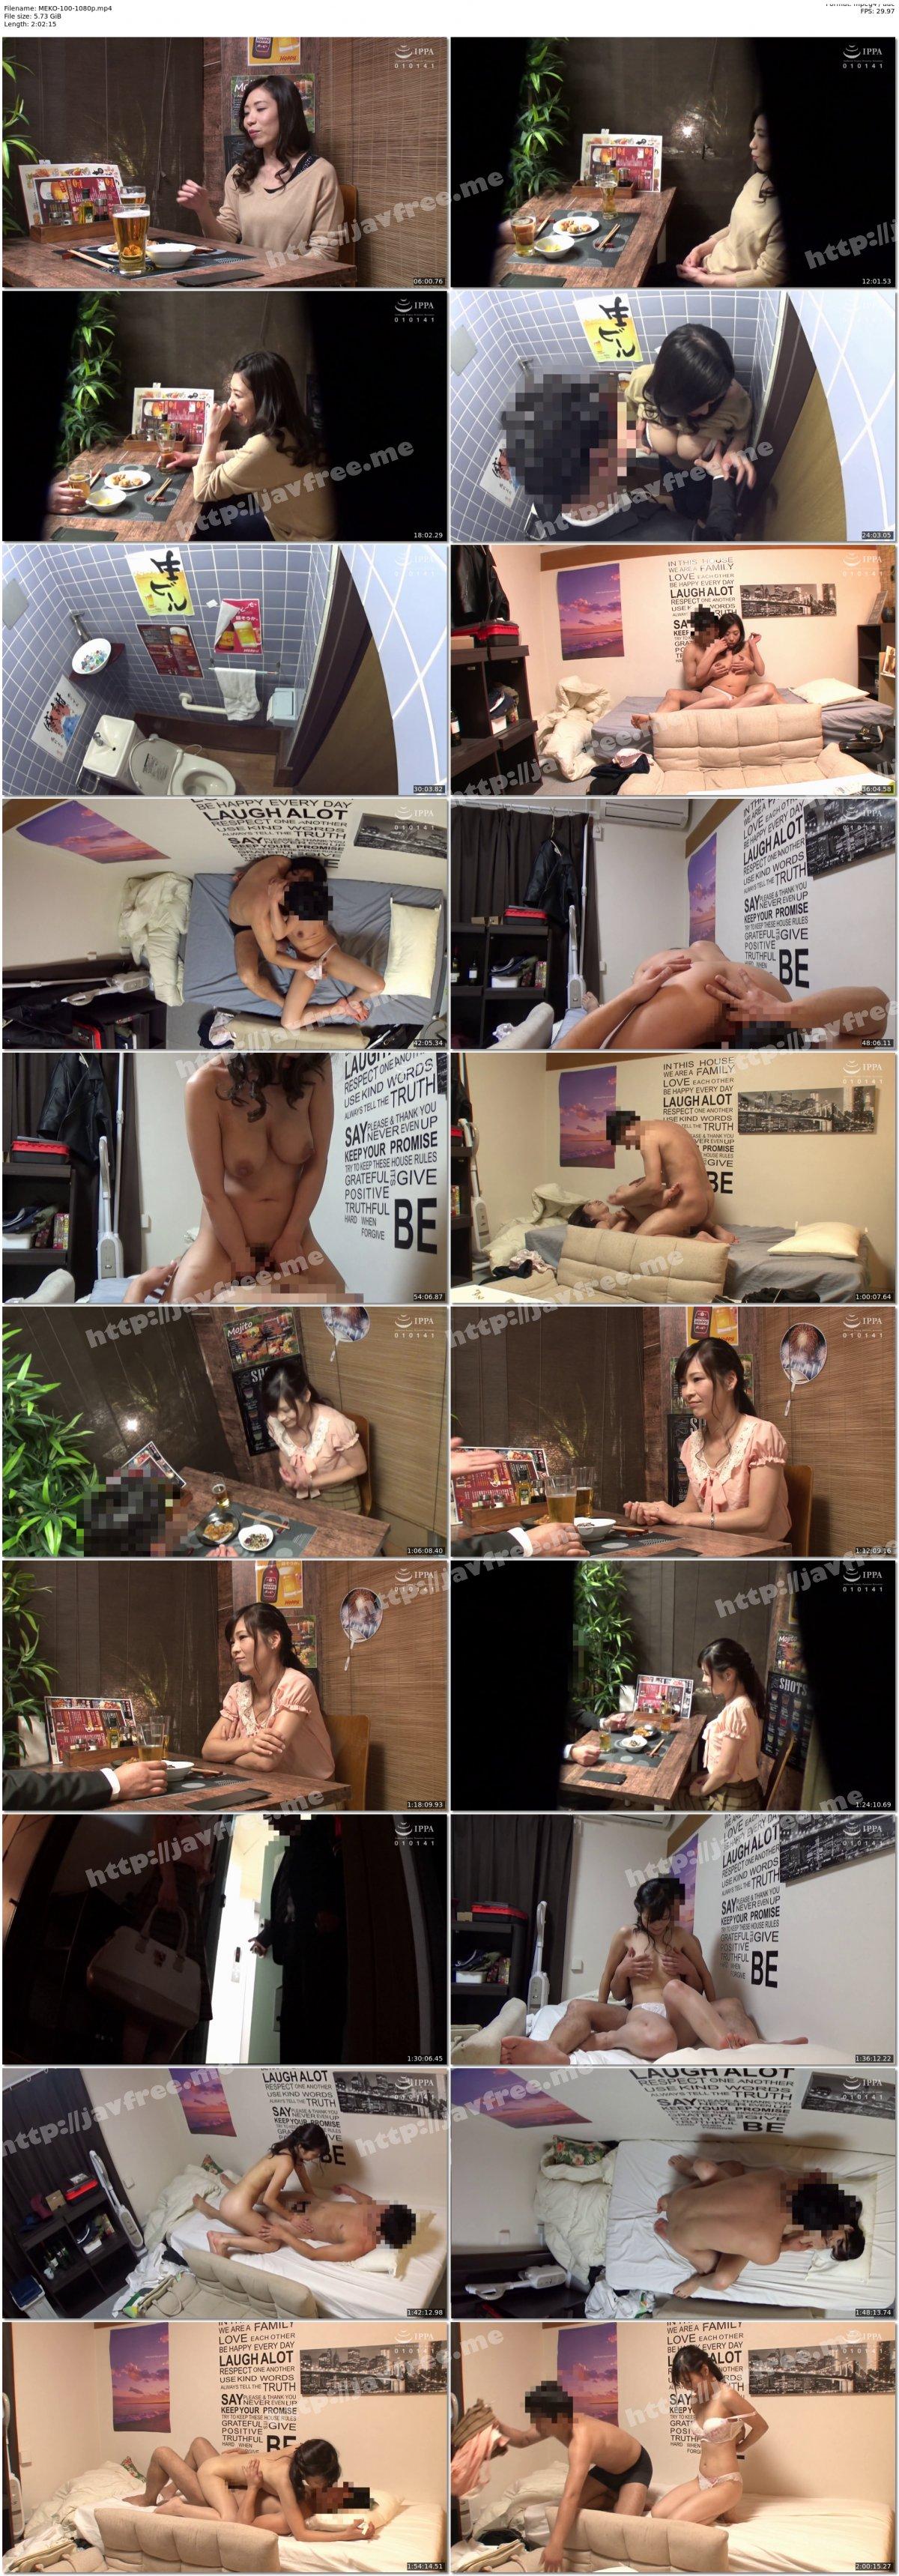 [HD][MEKO-100] 「おばさんを酔わせてどうするつもり?」若い男女で溢れ返る相席居酒屋で一人呑みしている熟女を狙い撃ちで口説いてお持ち帰り!寂しさと欲求不満が募った素人奥さんの乾いたカラダはよく濡れる!!VOL.23 - image MEKO-100-1080p on https://javfree.me